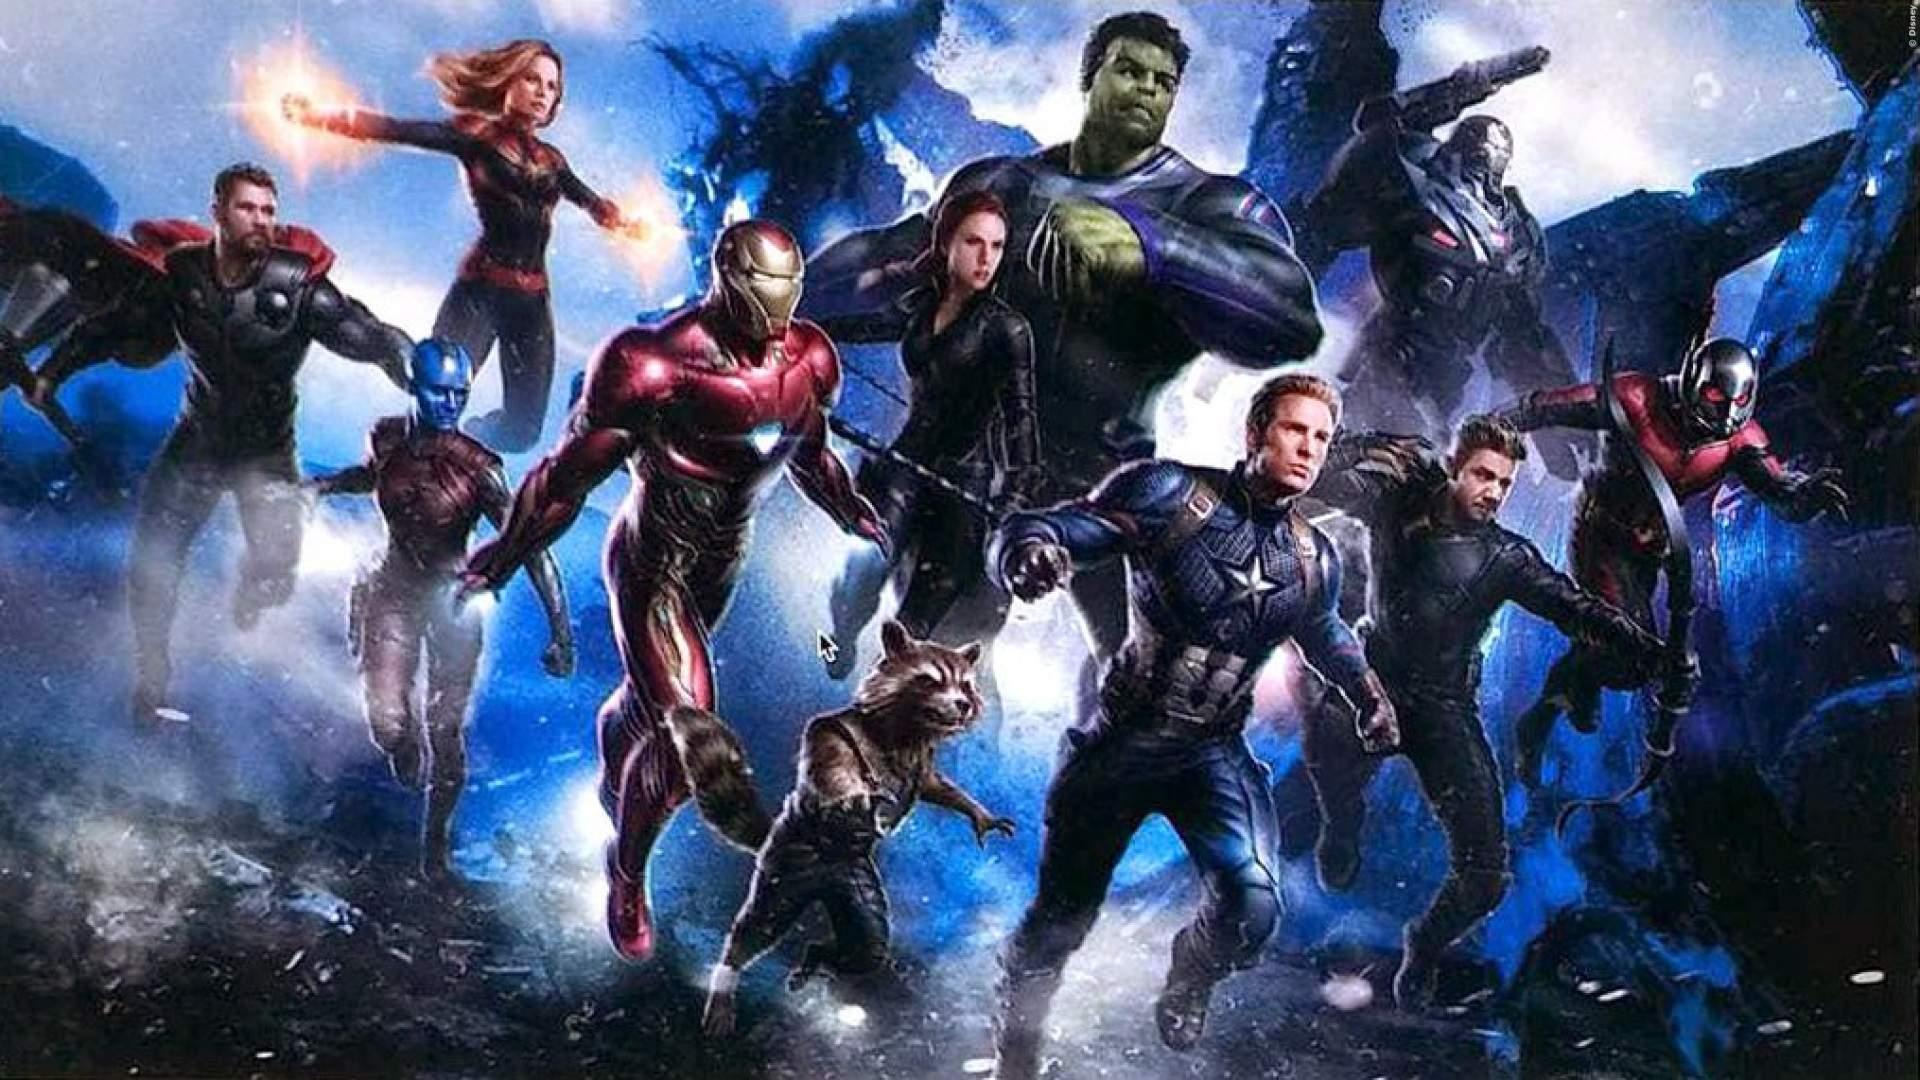 Avengers 4: Captain Marvel übernimmt Führung - Bild 1 von 1